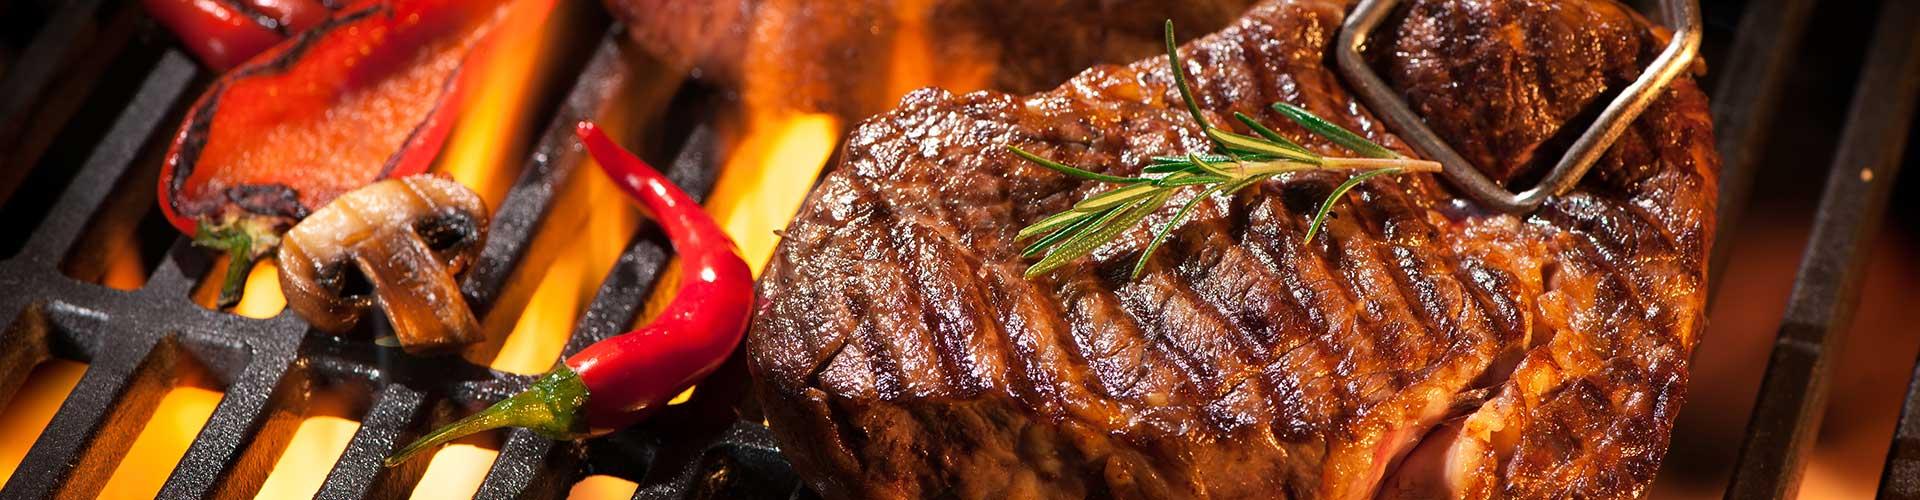 Steak auf dem Grillrost